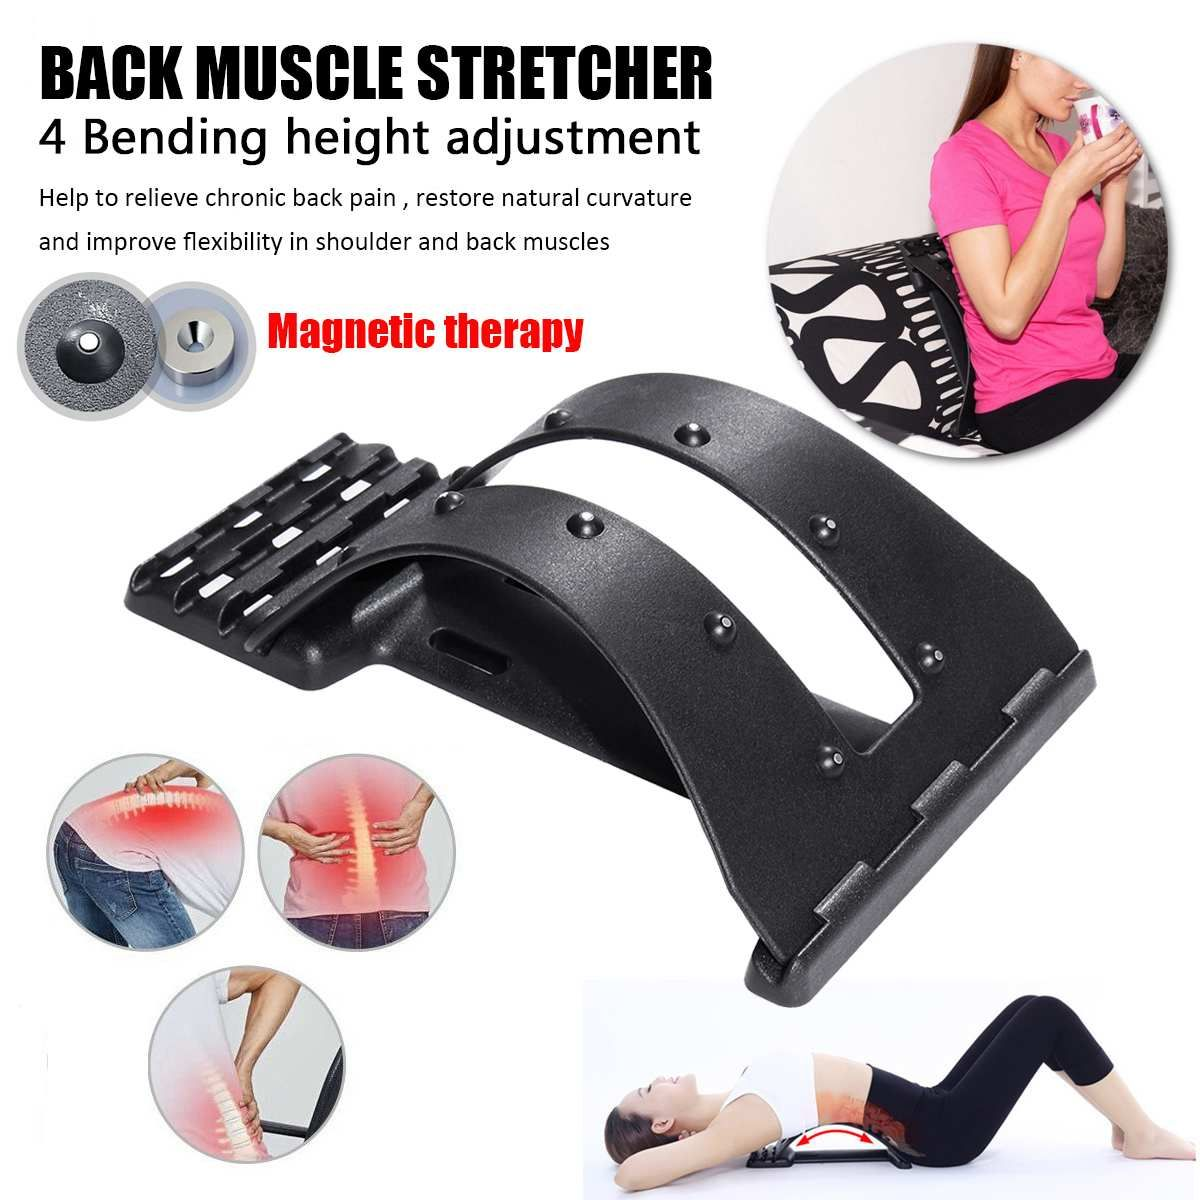 Massage du dos magnétique civière musculaire correcteur de Posture extensible Relax civière soutien lombaire soulagement de la douleur de la colonne vertébrale chiropratique